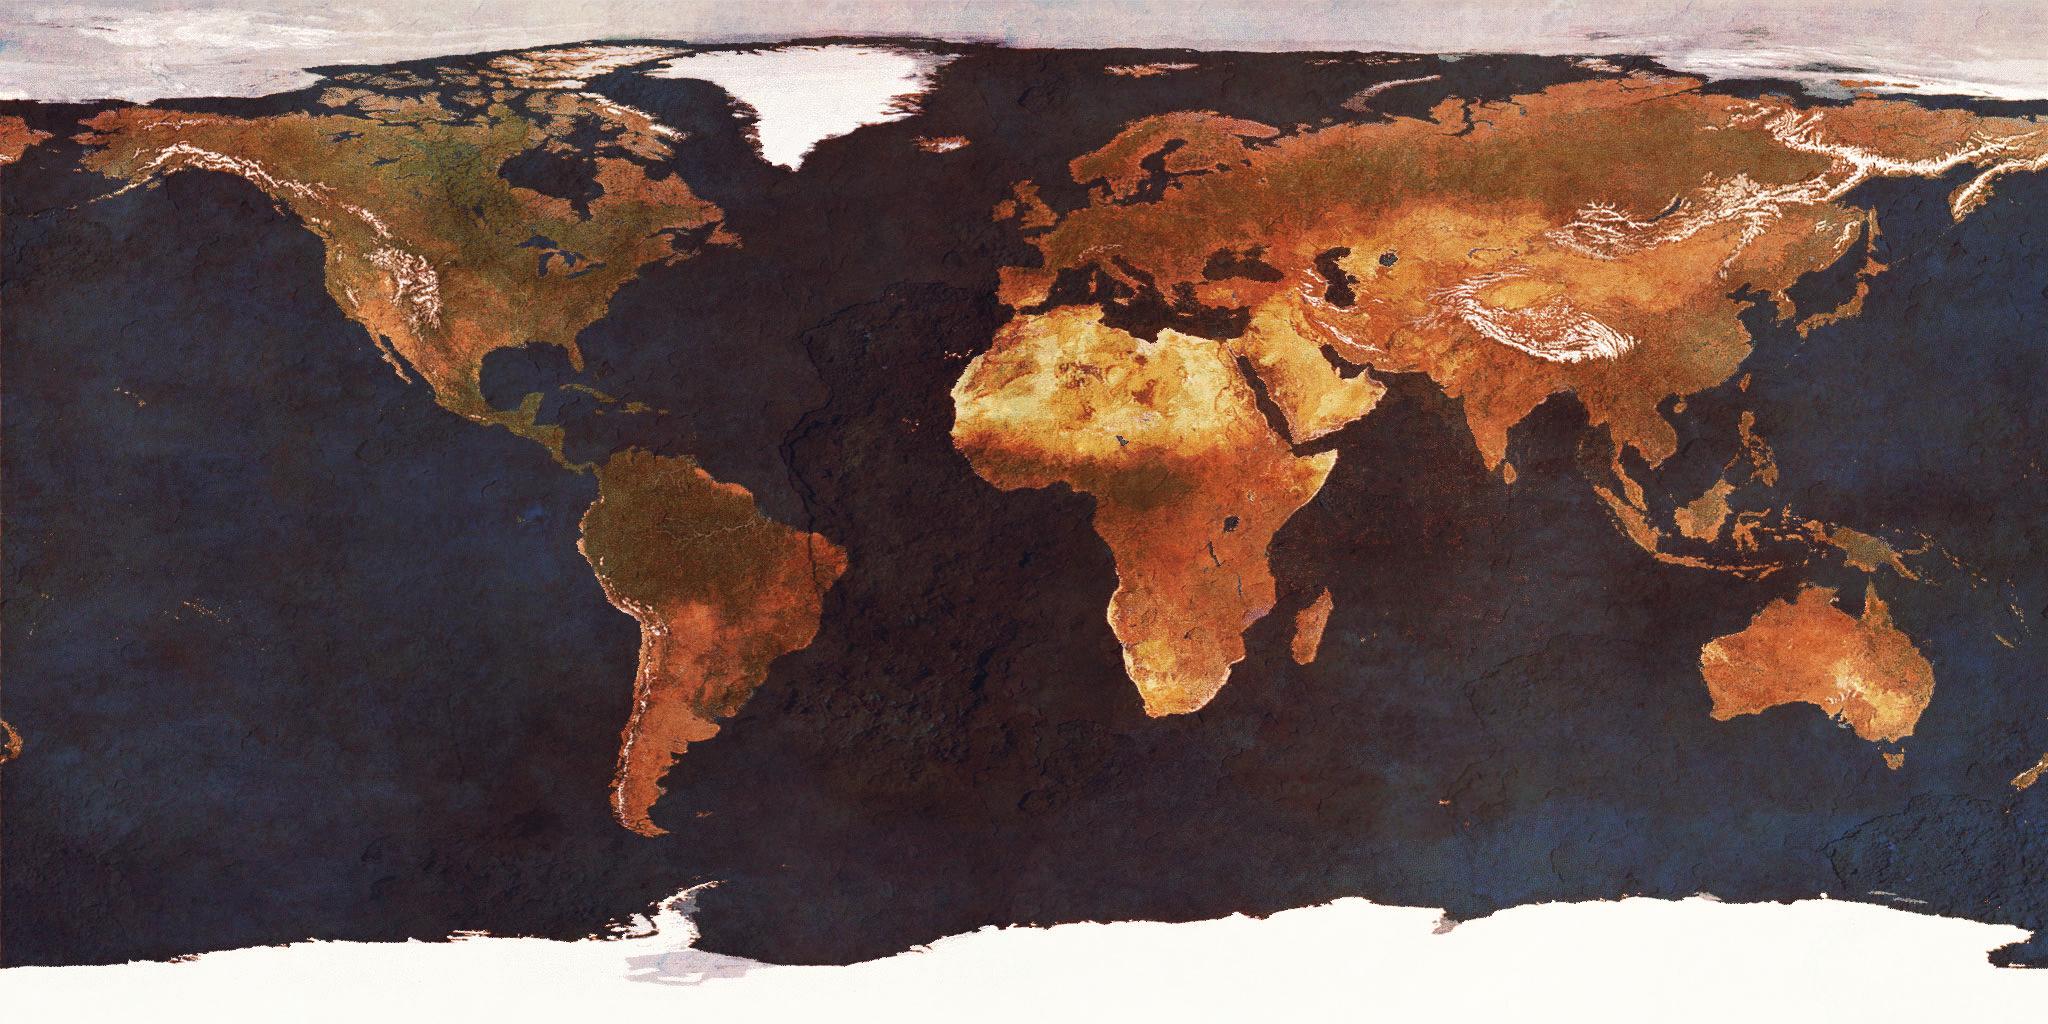 earths surface alb seasonal - HD2048×1024